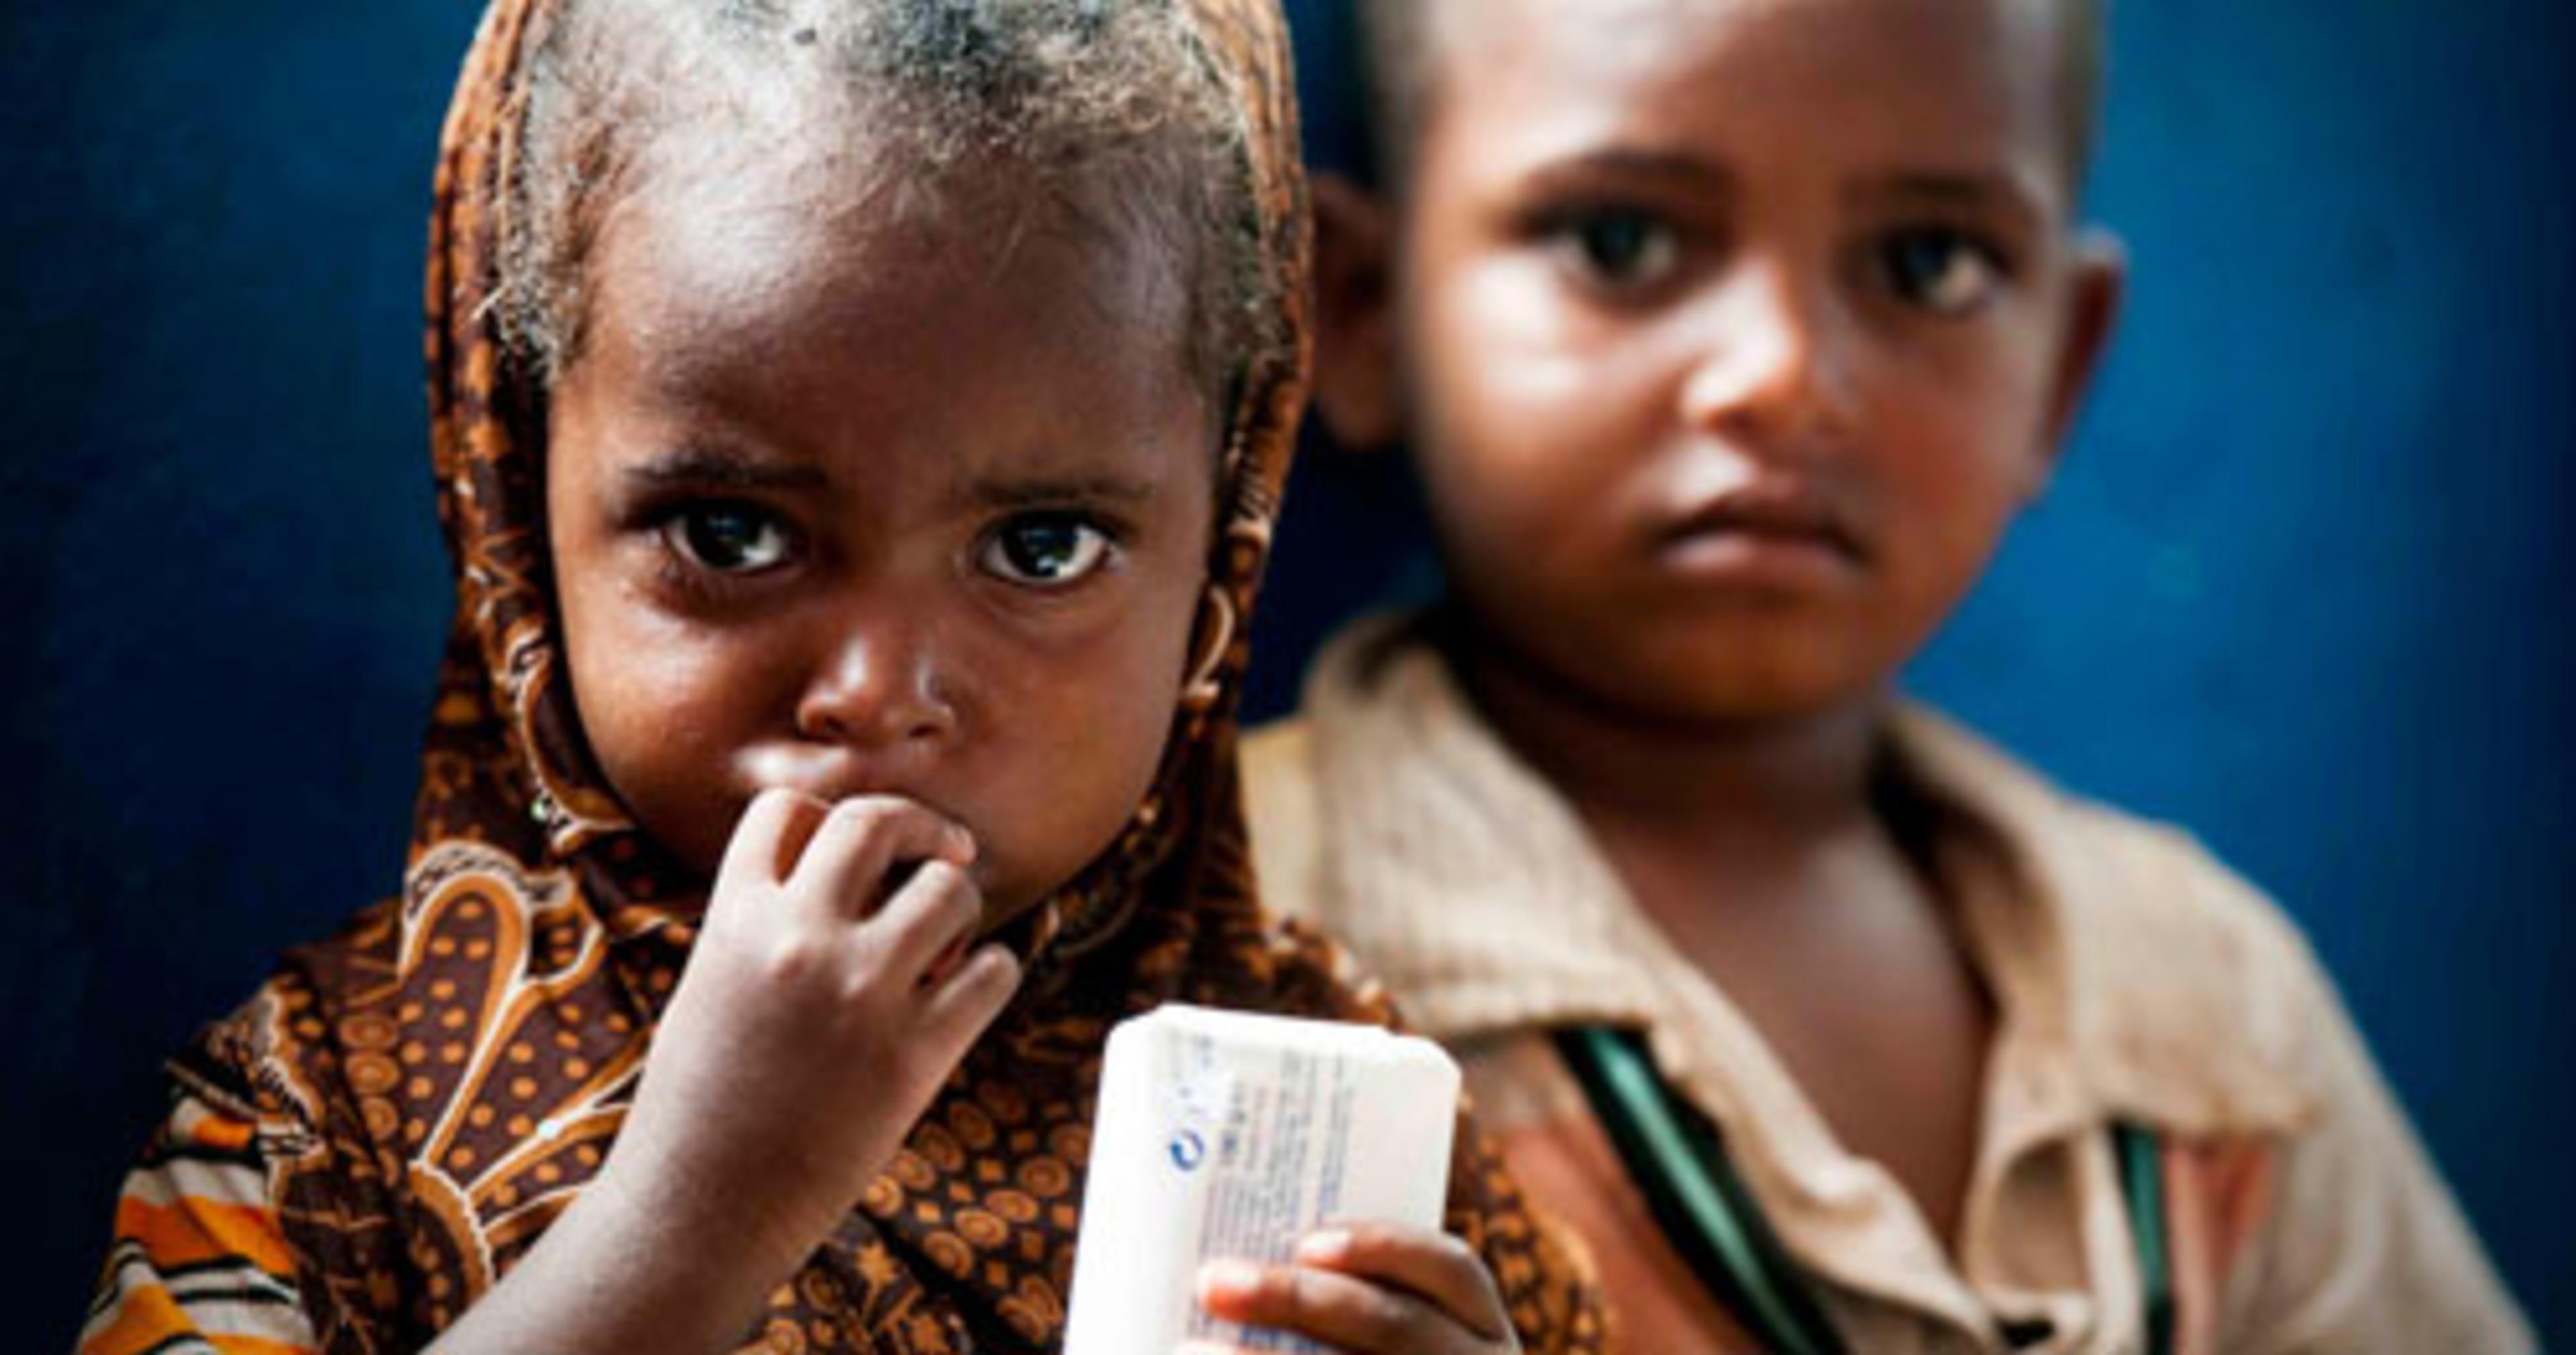 UNI282712/UNICEF